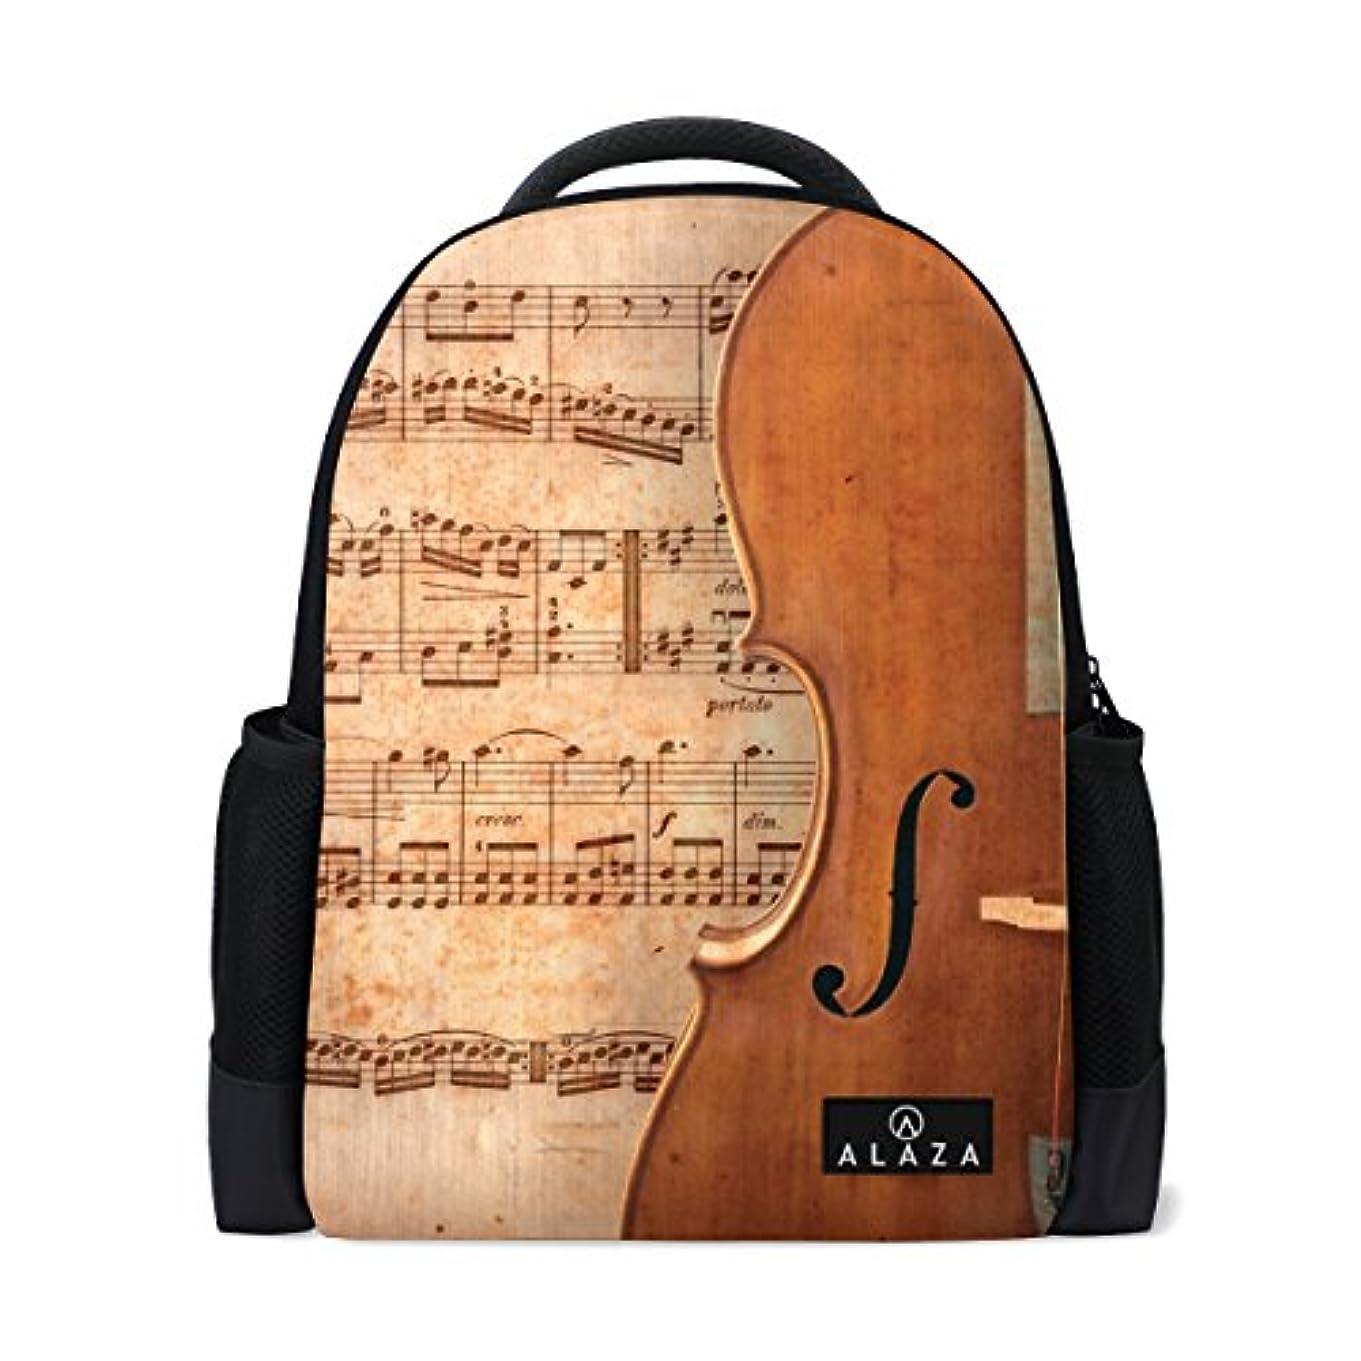 大声でモナリザオールVAWA リュック リュックサック 大容量 おしゃれ かわいい 音楽 音符 楽譜 五線譜 バイオリン 防水バッグ バックパック 多機能 通勤 通学 旅行 登山ザック 男女兼用